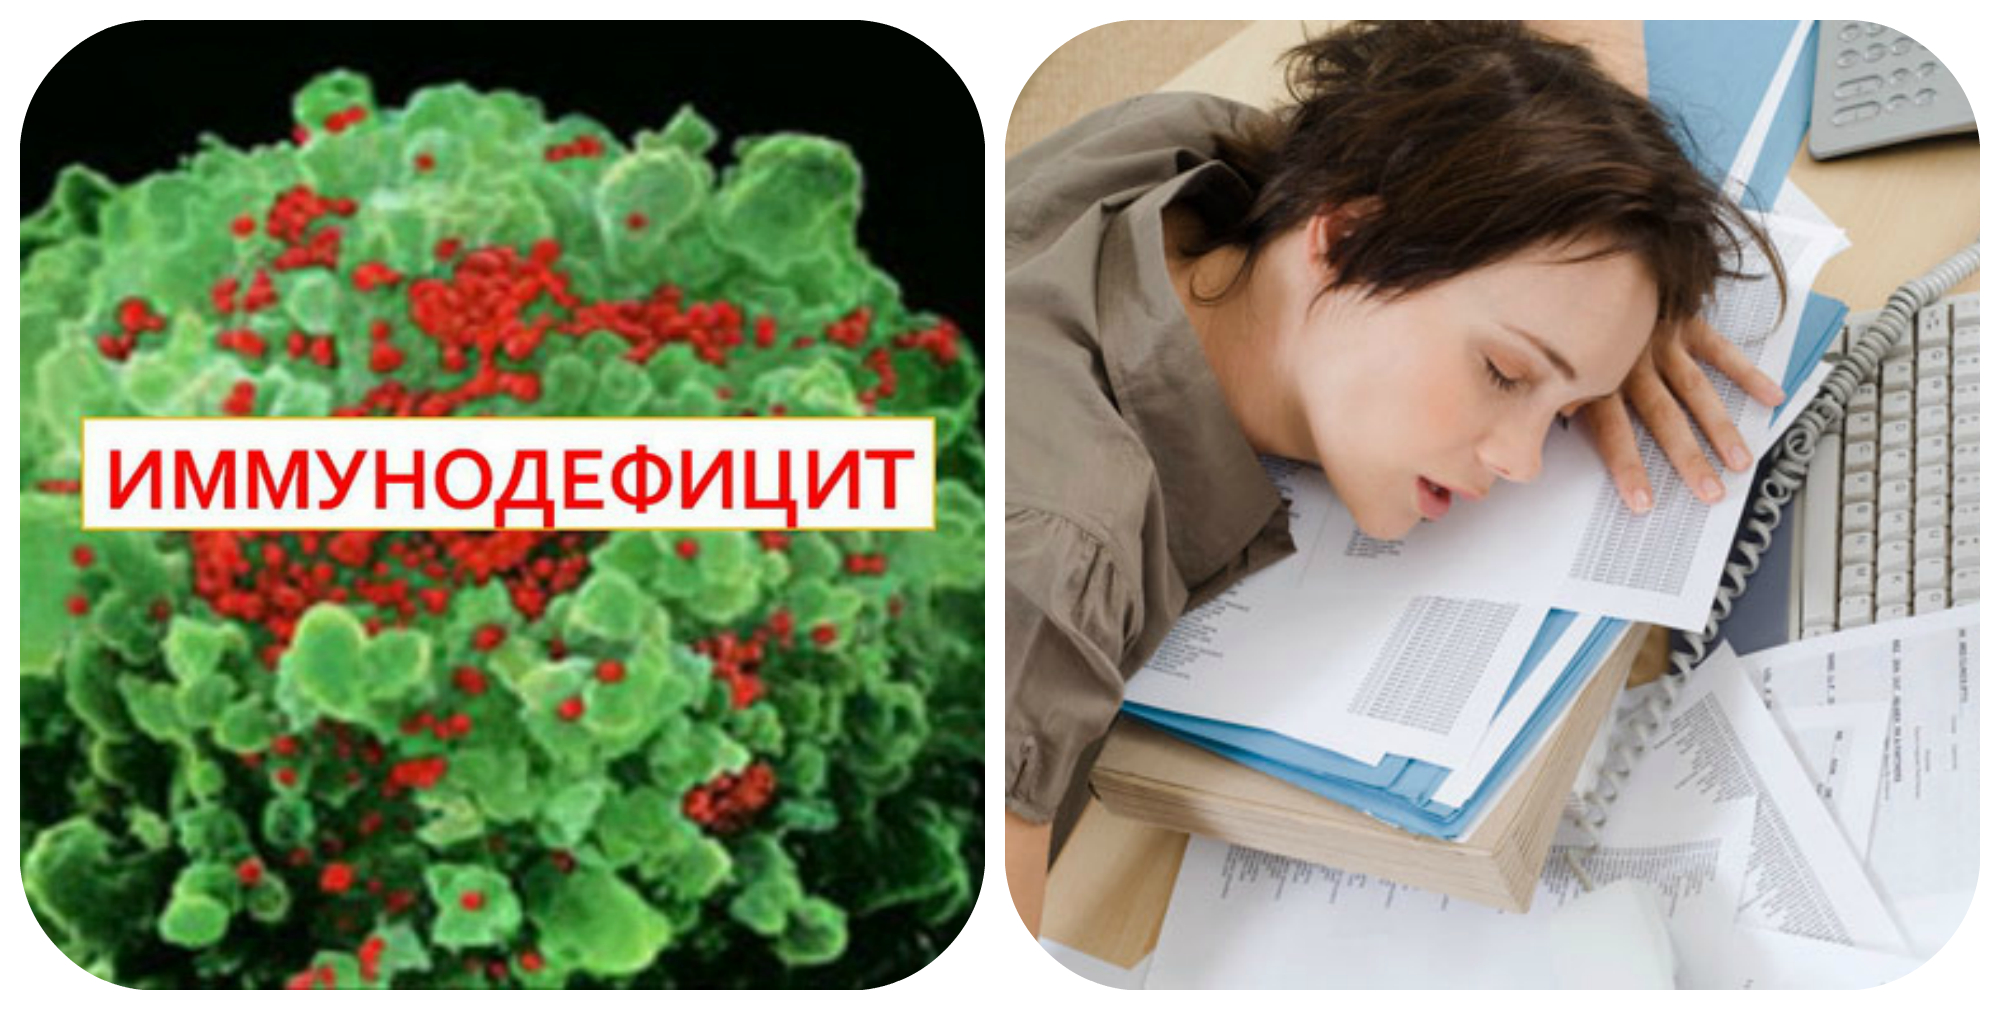 иммунодефицит, пере утомляемость